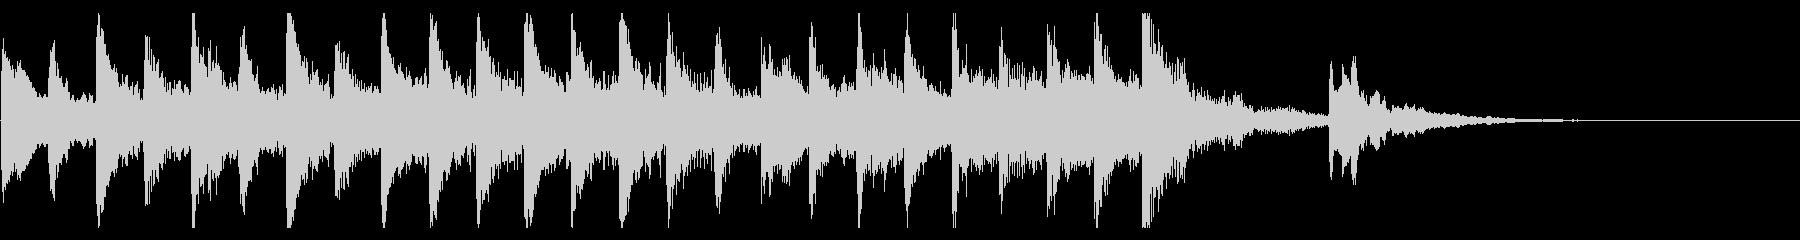 マリンバで作った10秒のジングルです。の未再生の波形